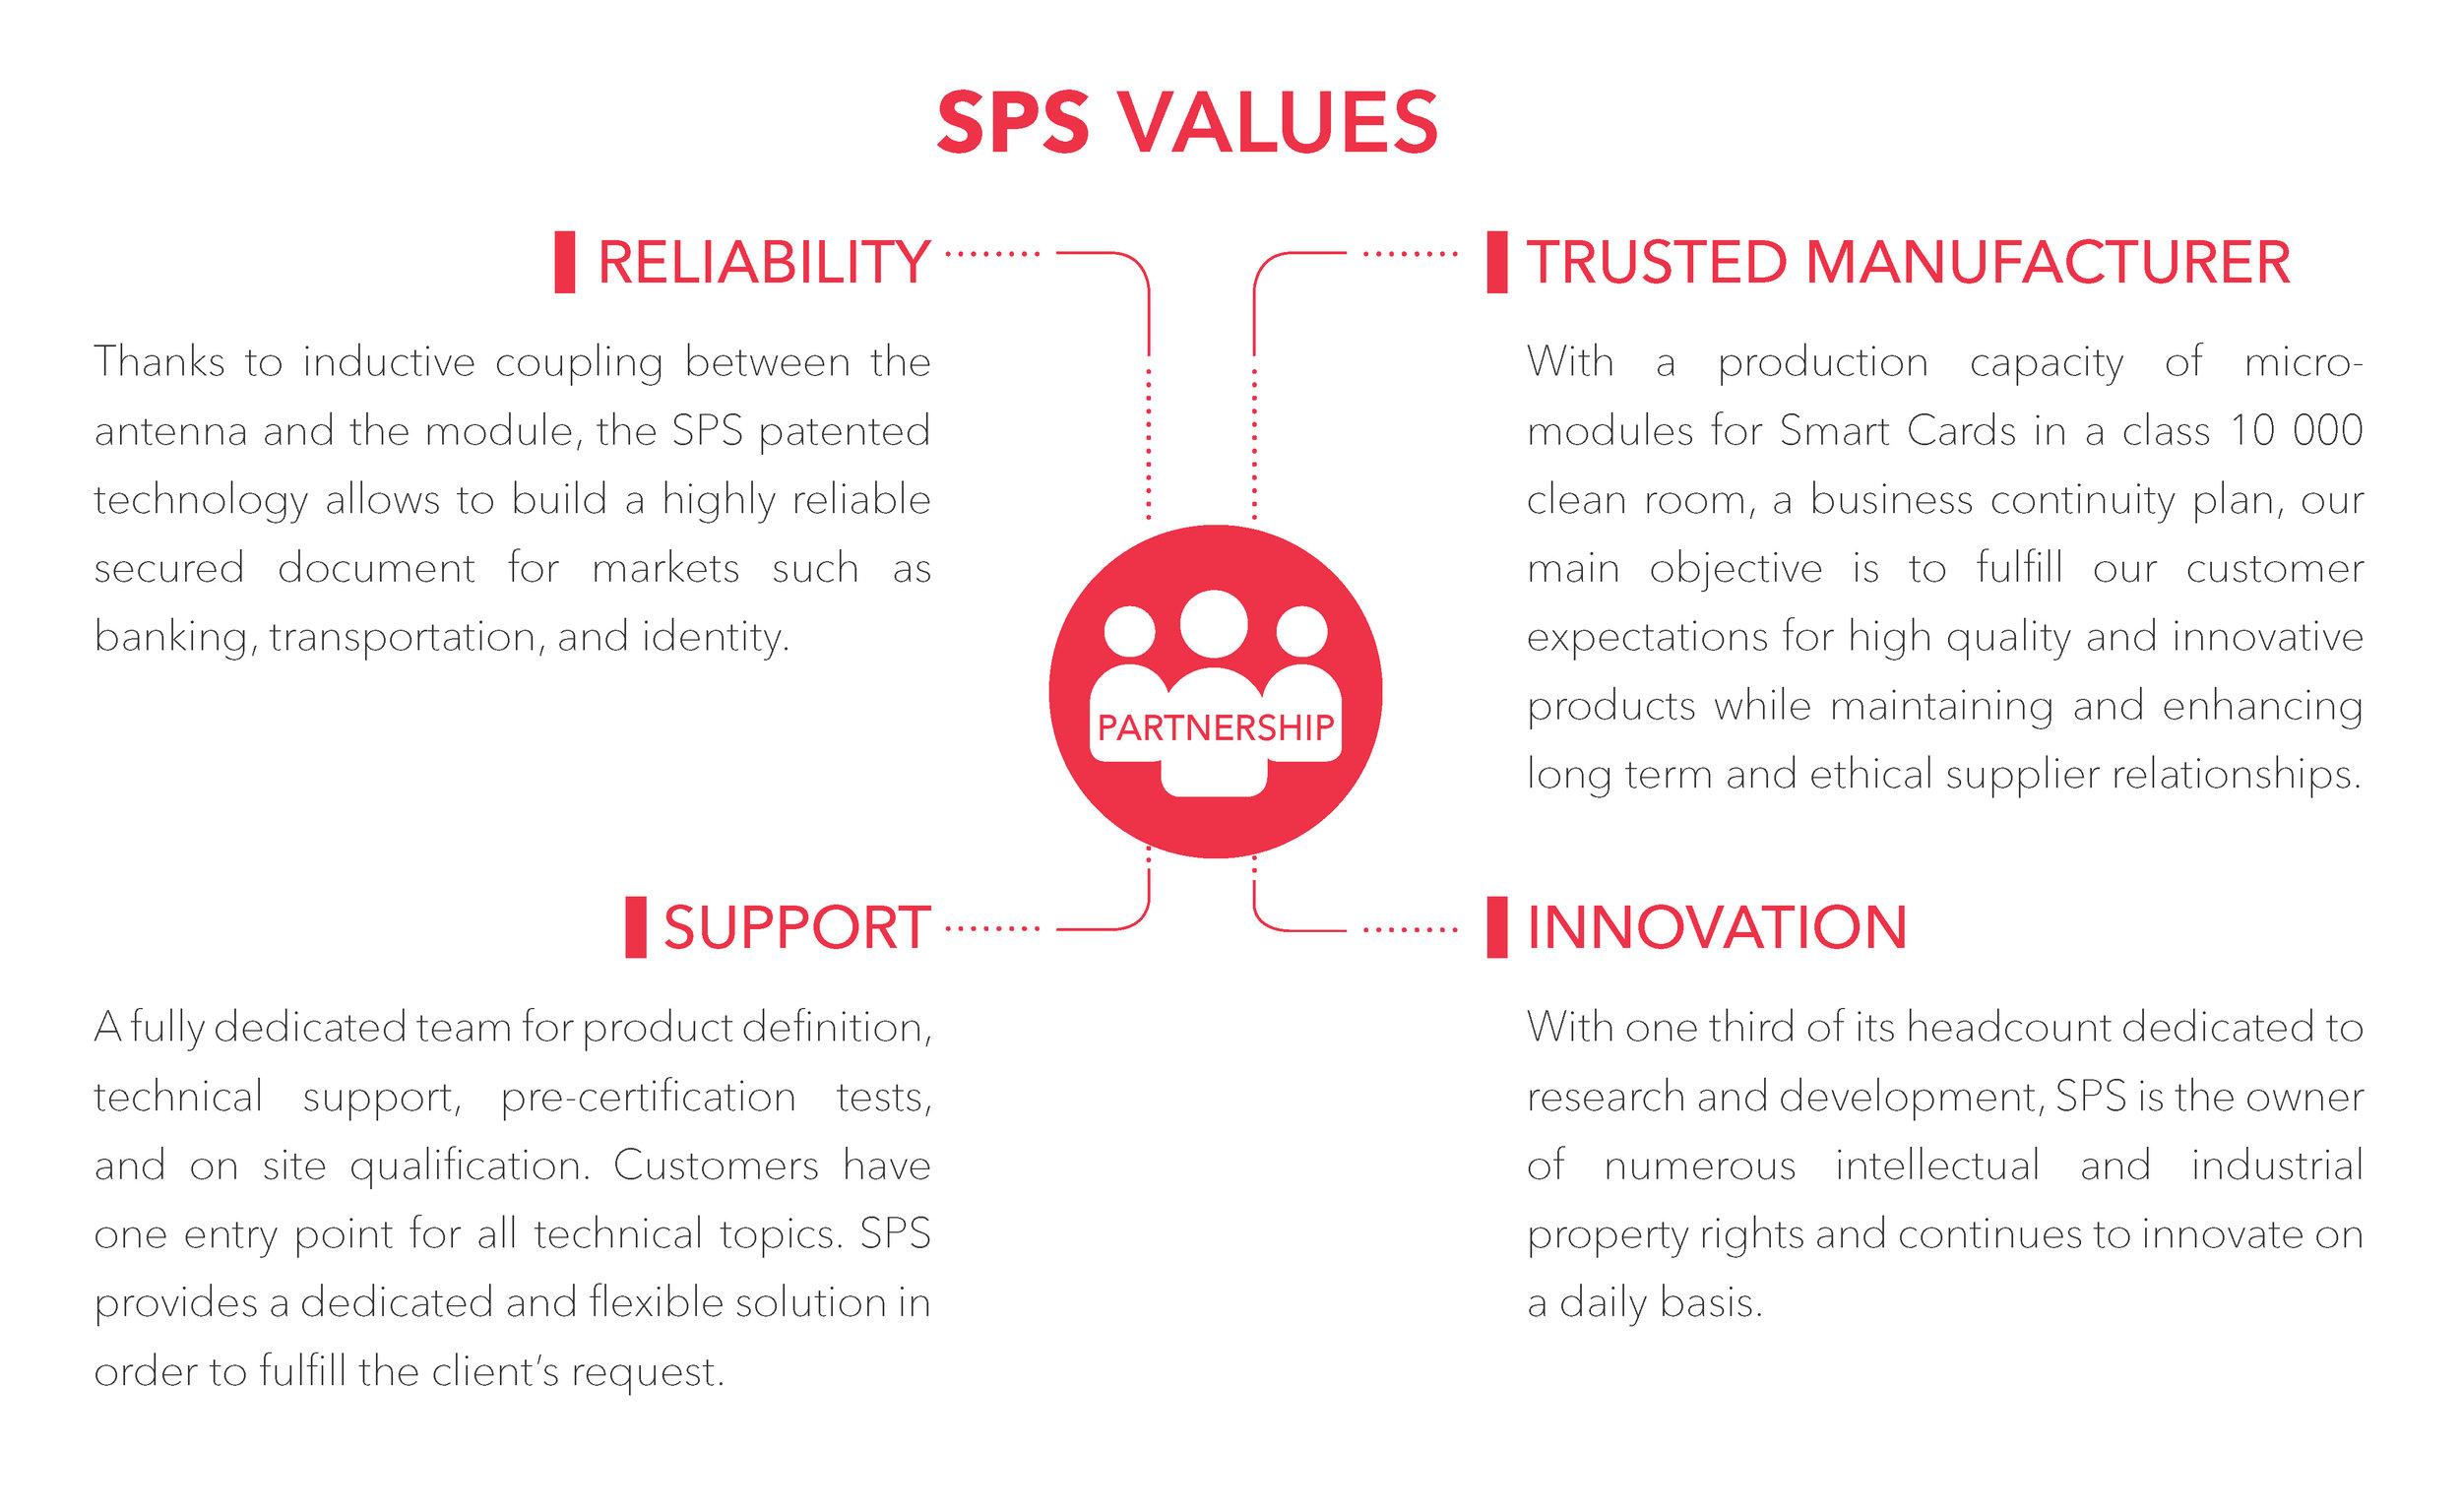 SPS VALUES.jpg